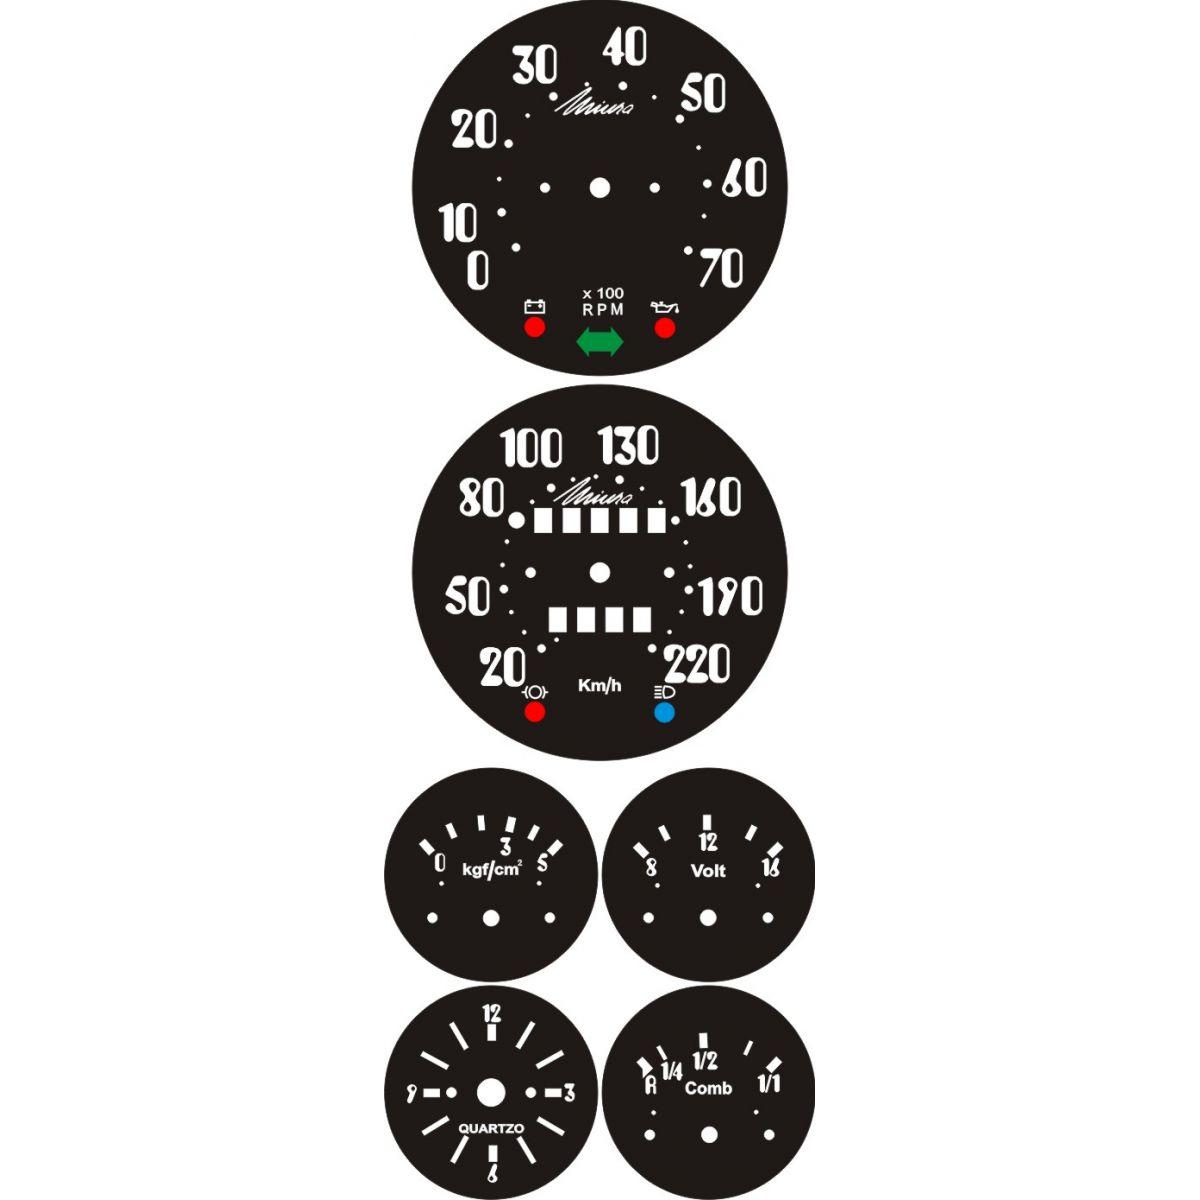 Kit Translúcido p/ Painel - Cod595v220 - Miura  - PAINEL SHOW TUNING - Personalização de Painéis de Carros e Motos